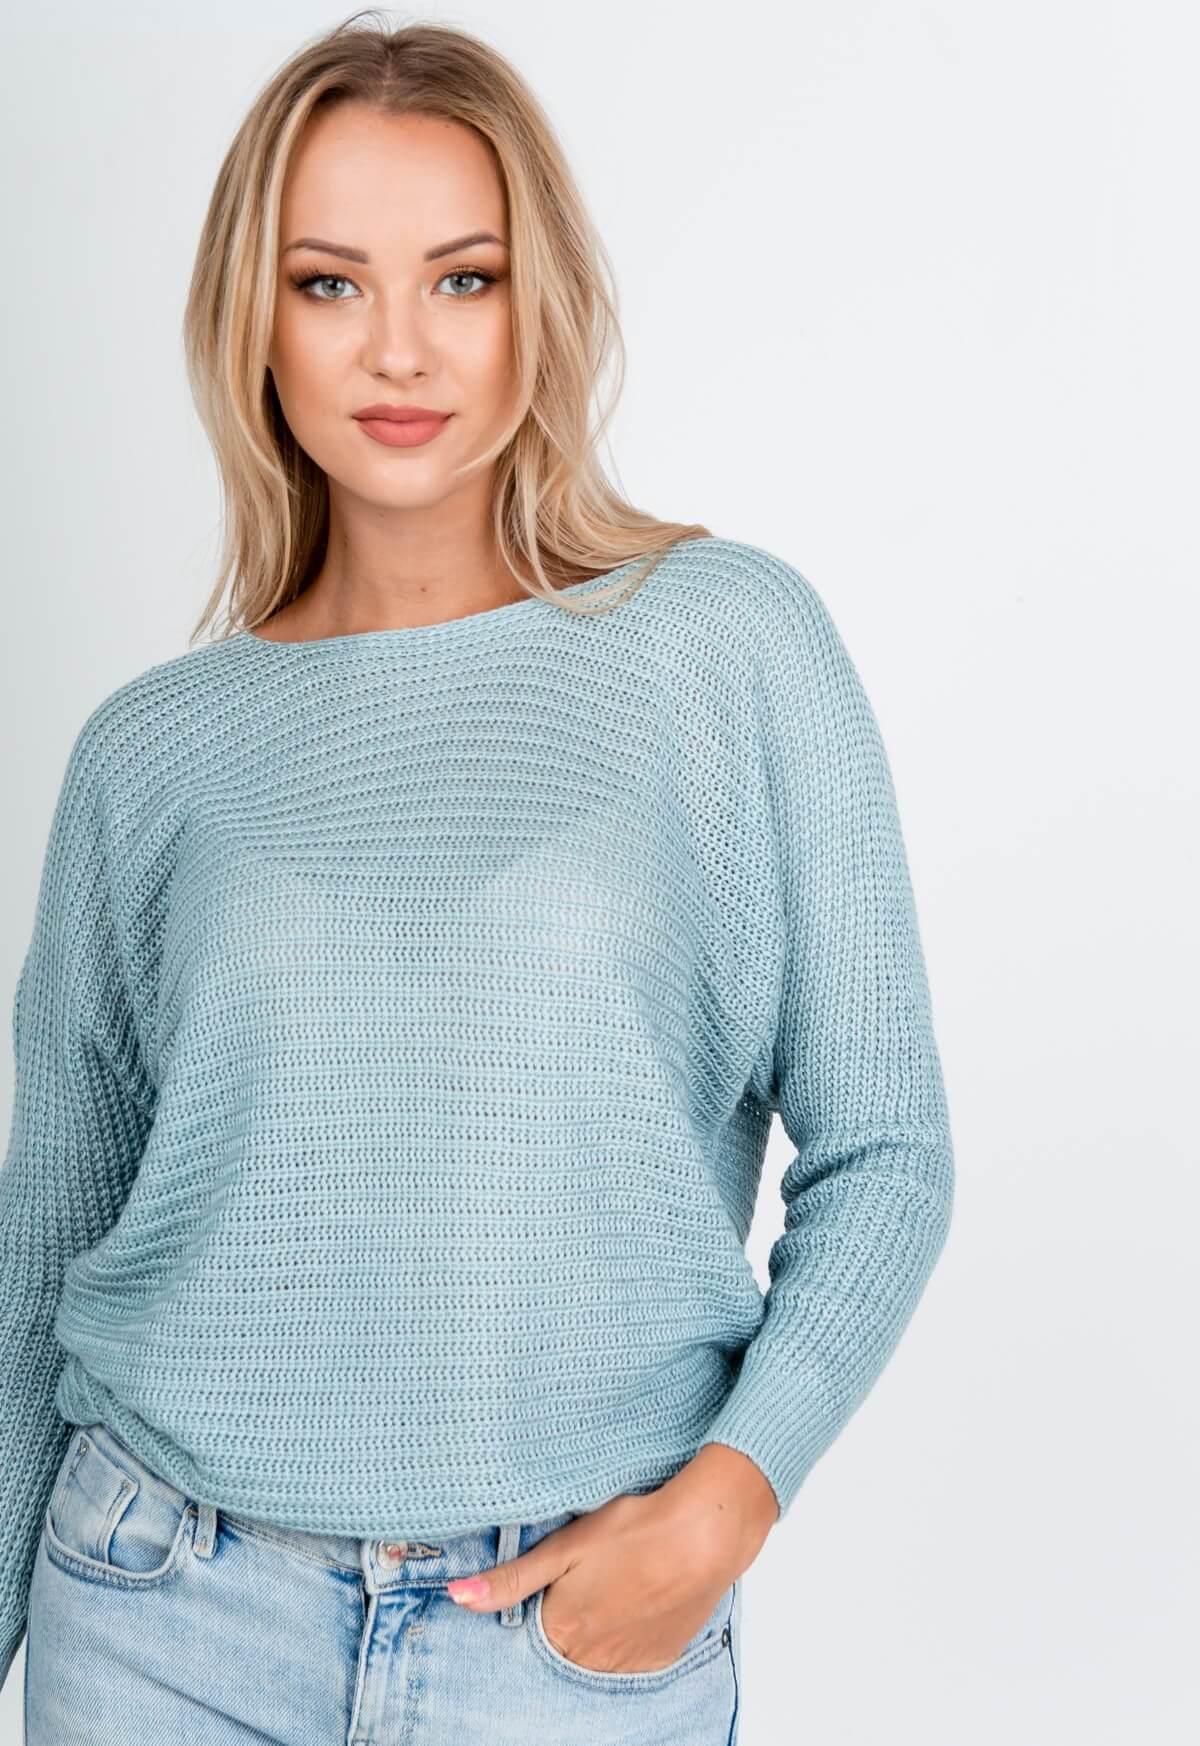 Svetlo modrý oversize sveter s okrúhlym výstrihom